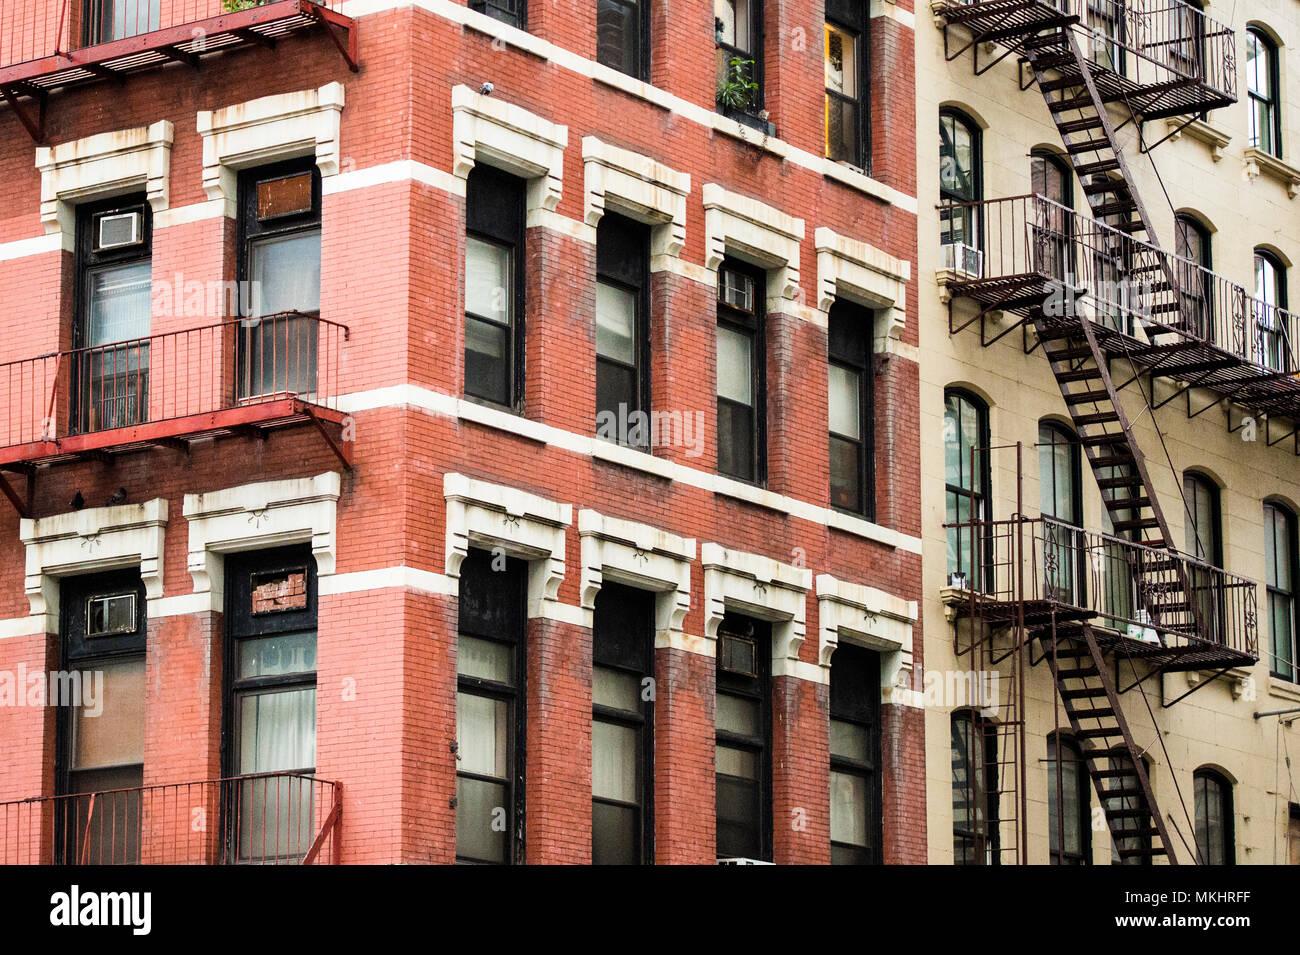 Blick auf New York City Apartment gebäude mit Treppen entlang Mott Street in der Chinatown in Manhattan NYC. Stockbild